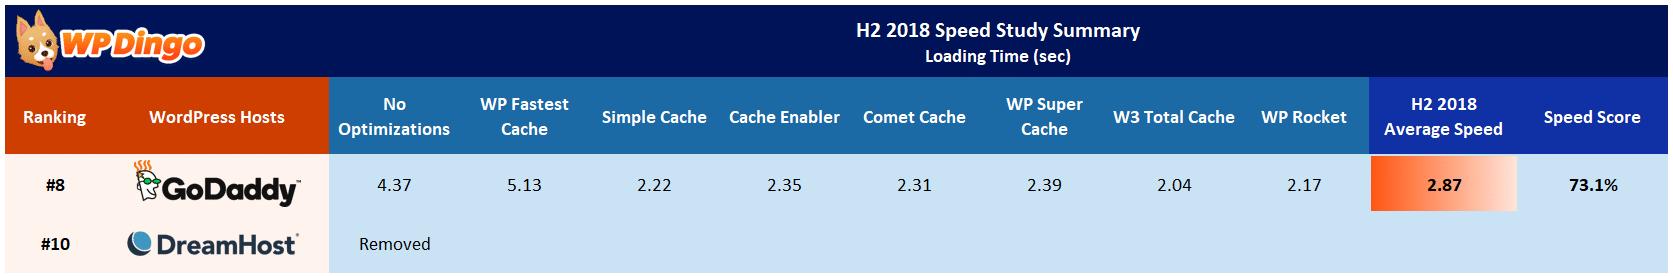 DreamHost vs GoDaddy Speed Table - Jul 2018 to Dec 2018